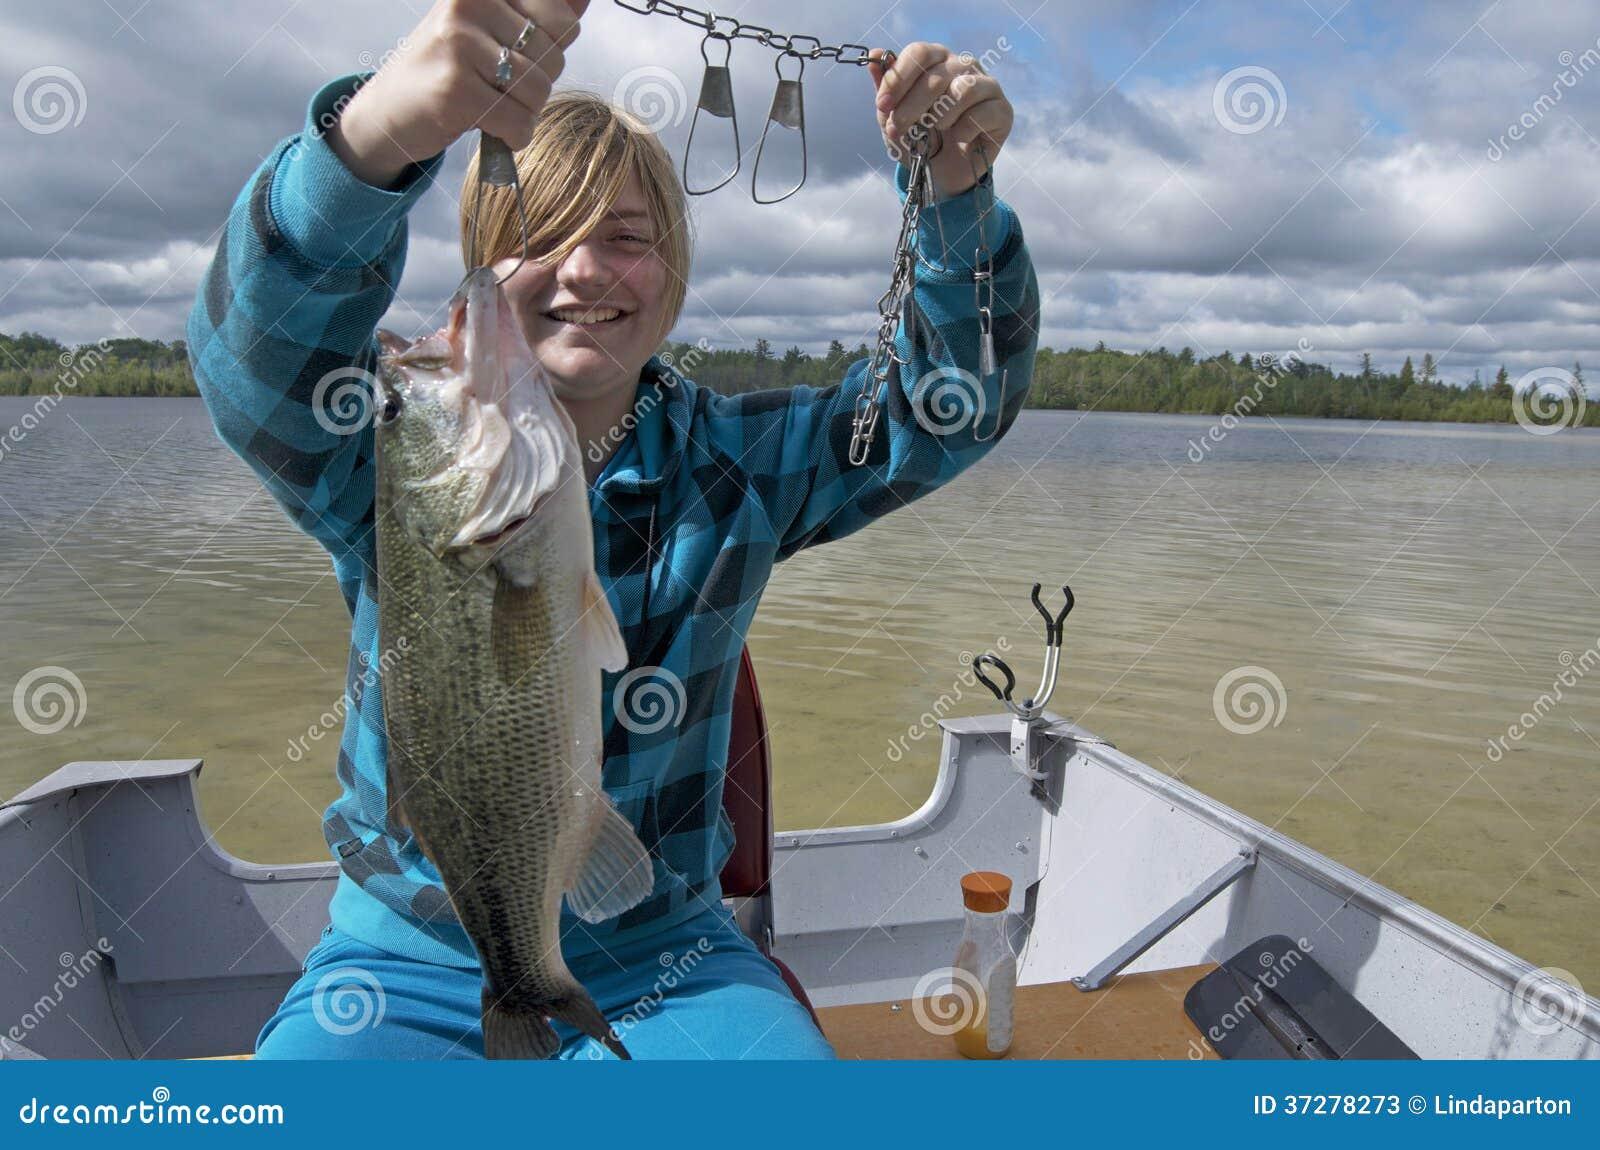 Girls bass fishing boats